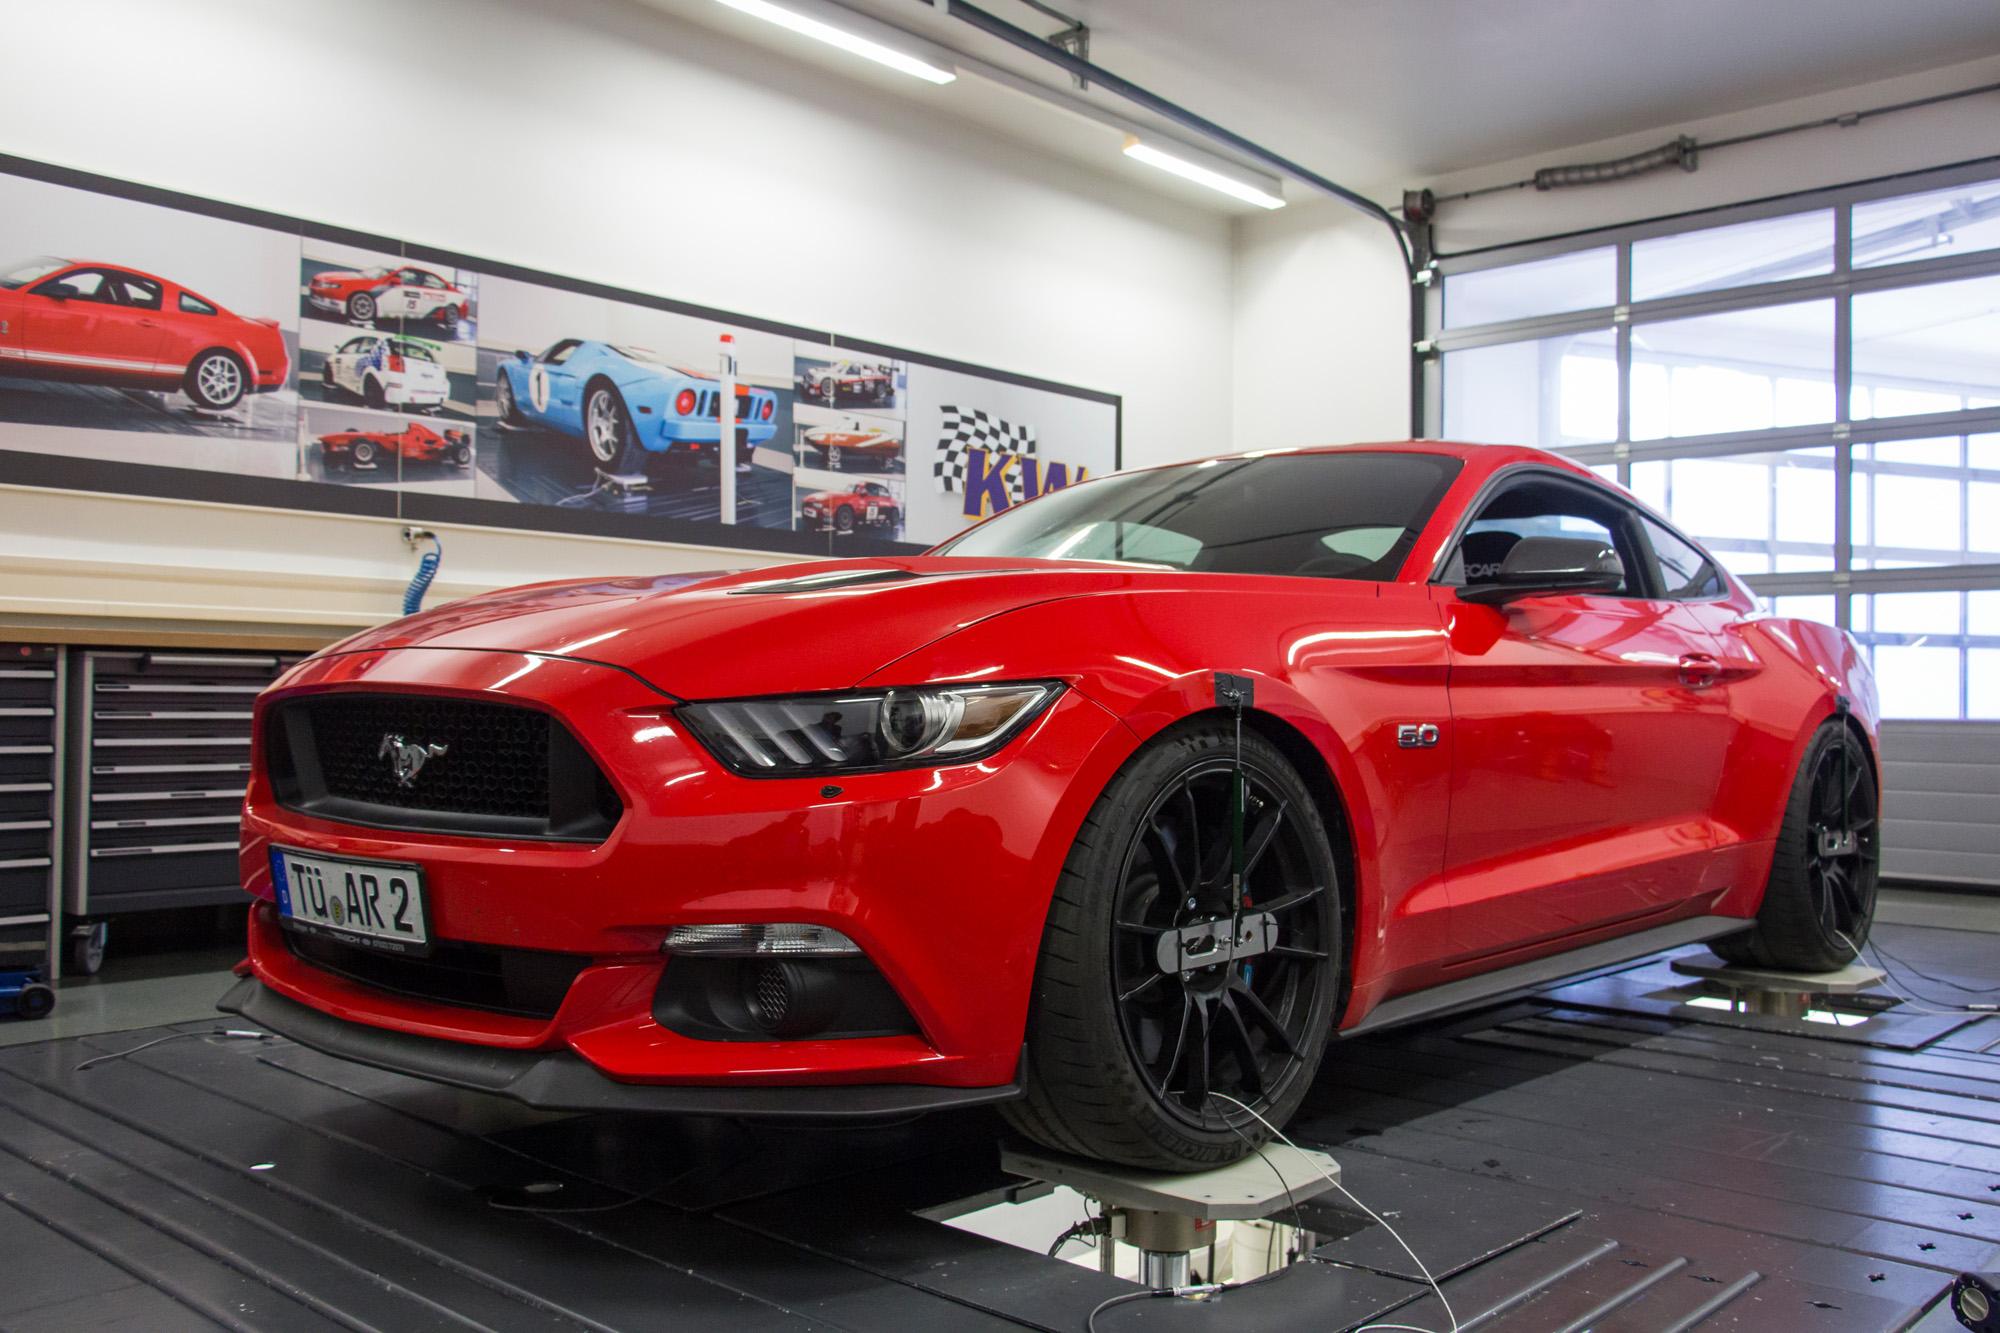 Ambitioniert bis in die Zylinderköpfe: Der Ford Mustang hat wahlweise einen Vier- oder Achtzylinder unter der Haube.